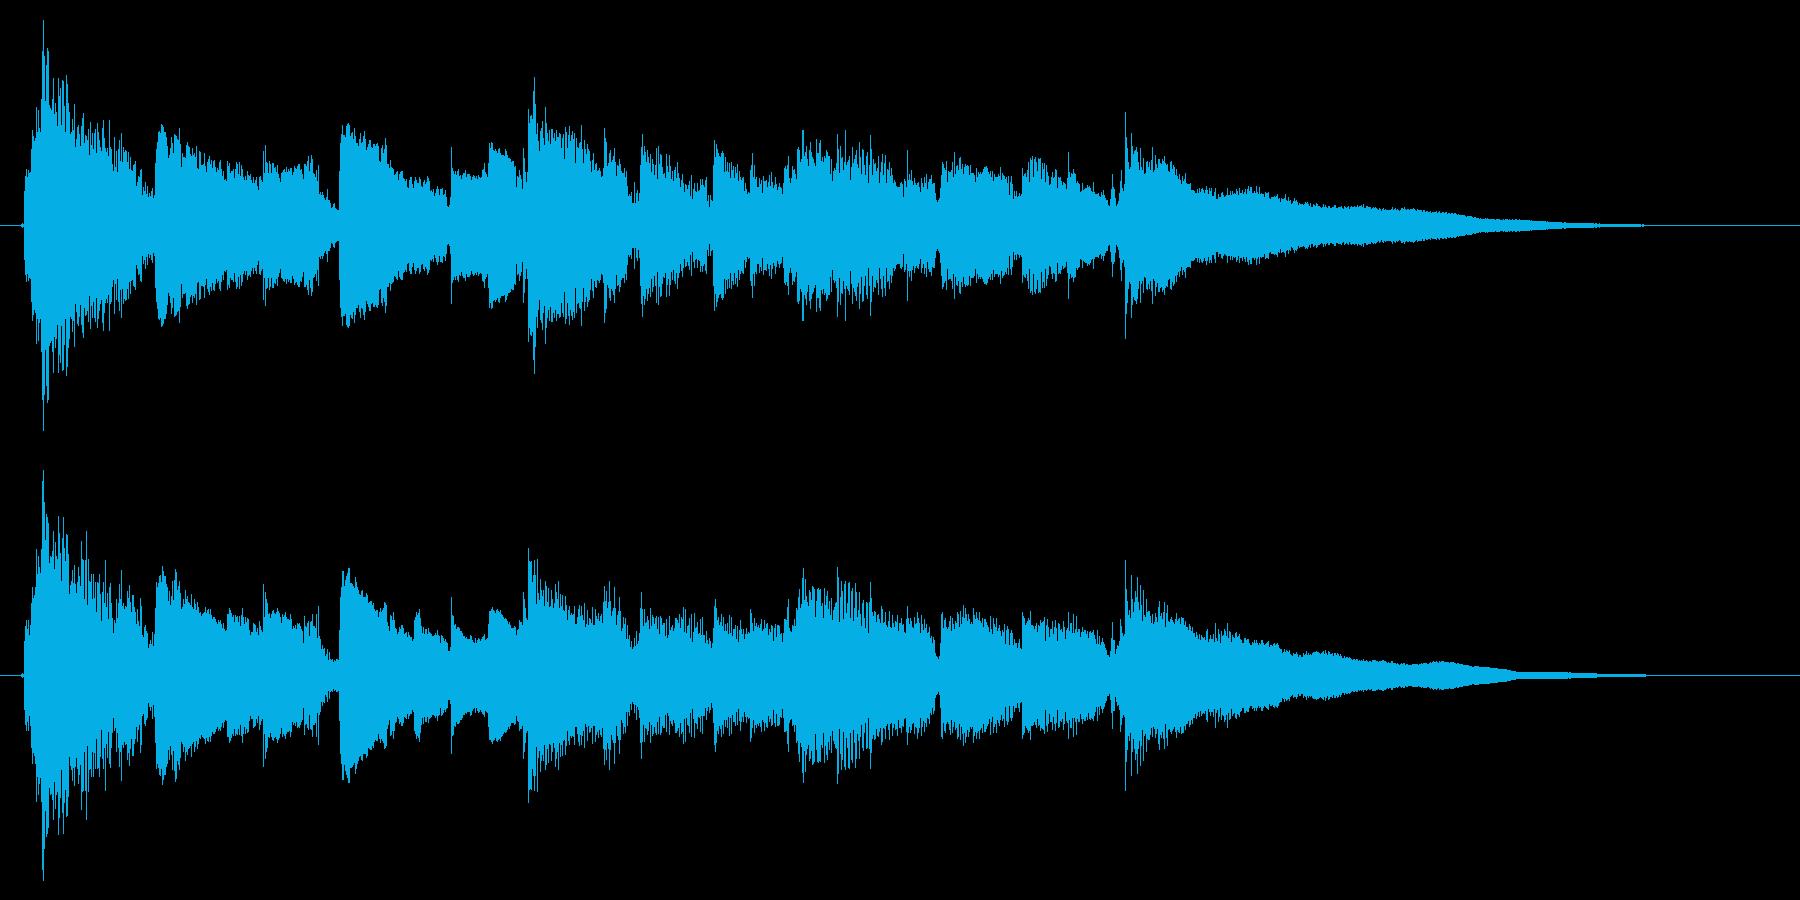 眠りと目覚めを連想させるサウンドロゴ2の再生済みの波形